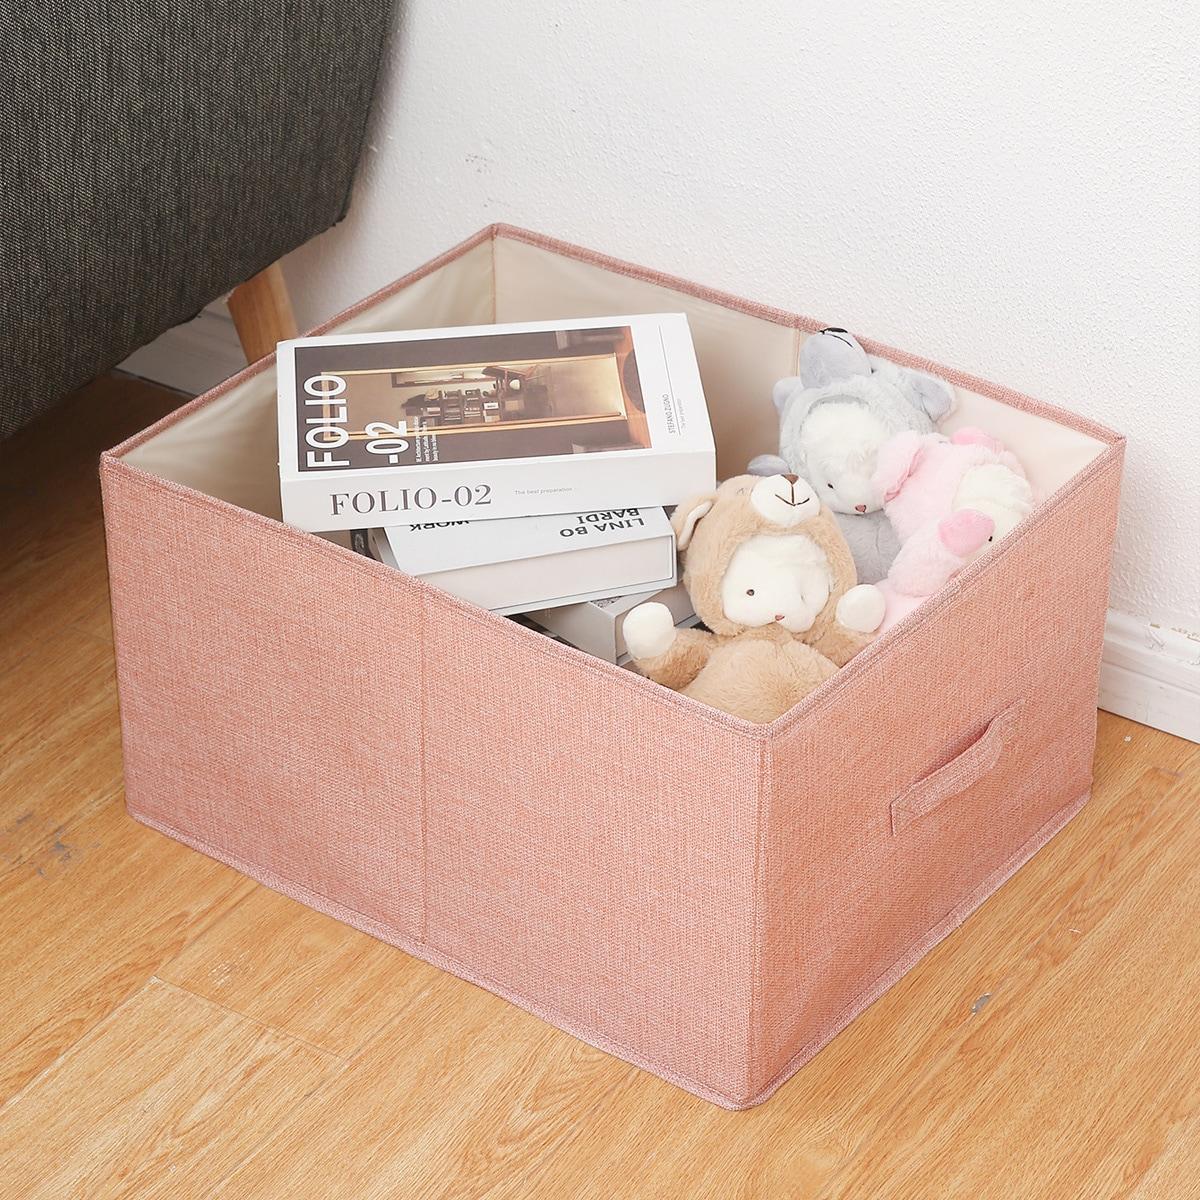 1шт складная коробка для хранения